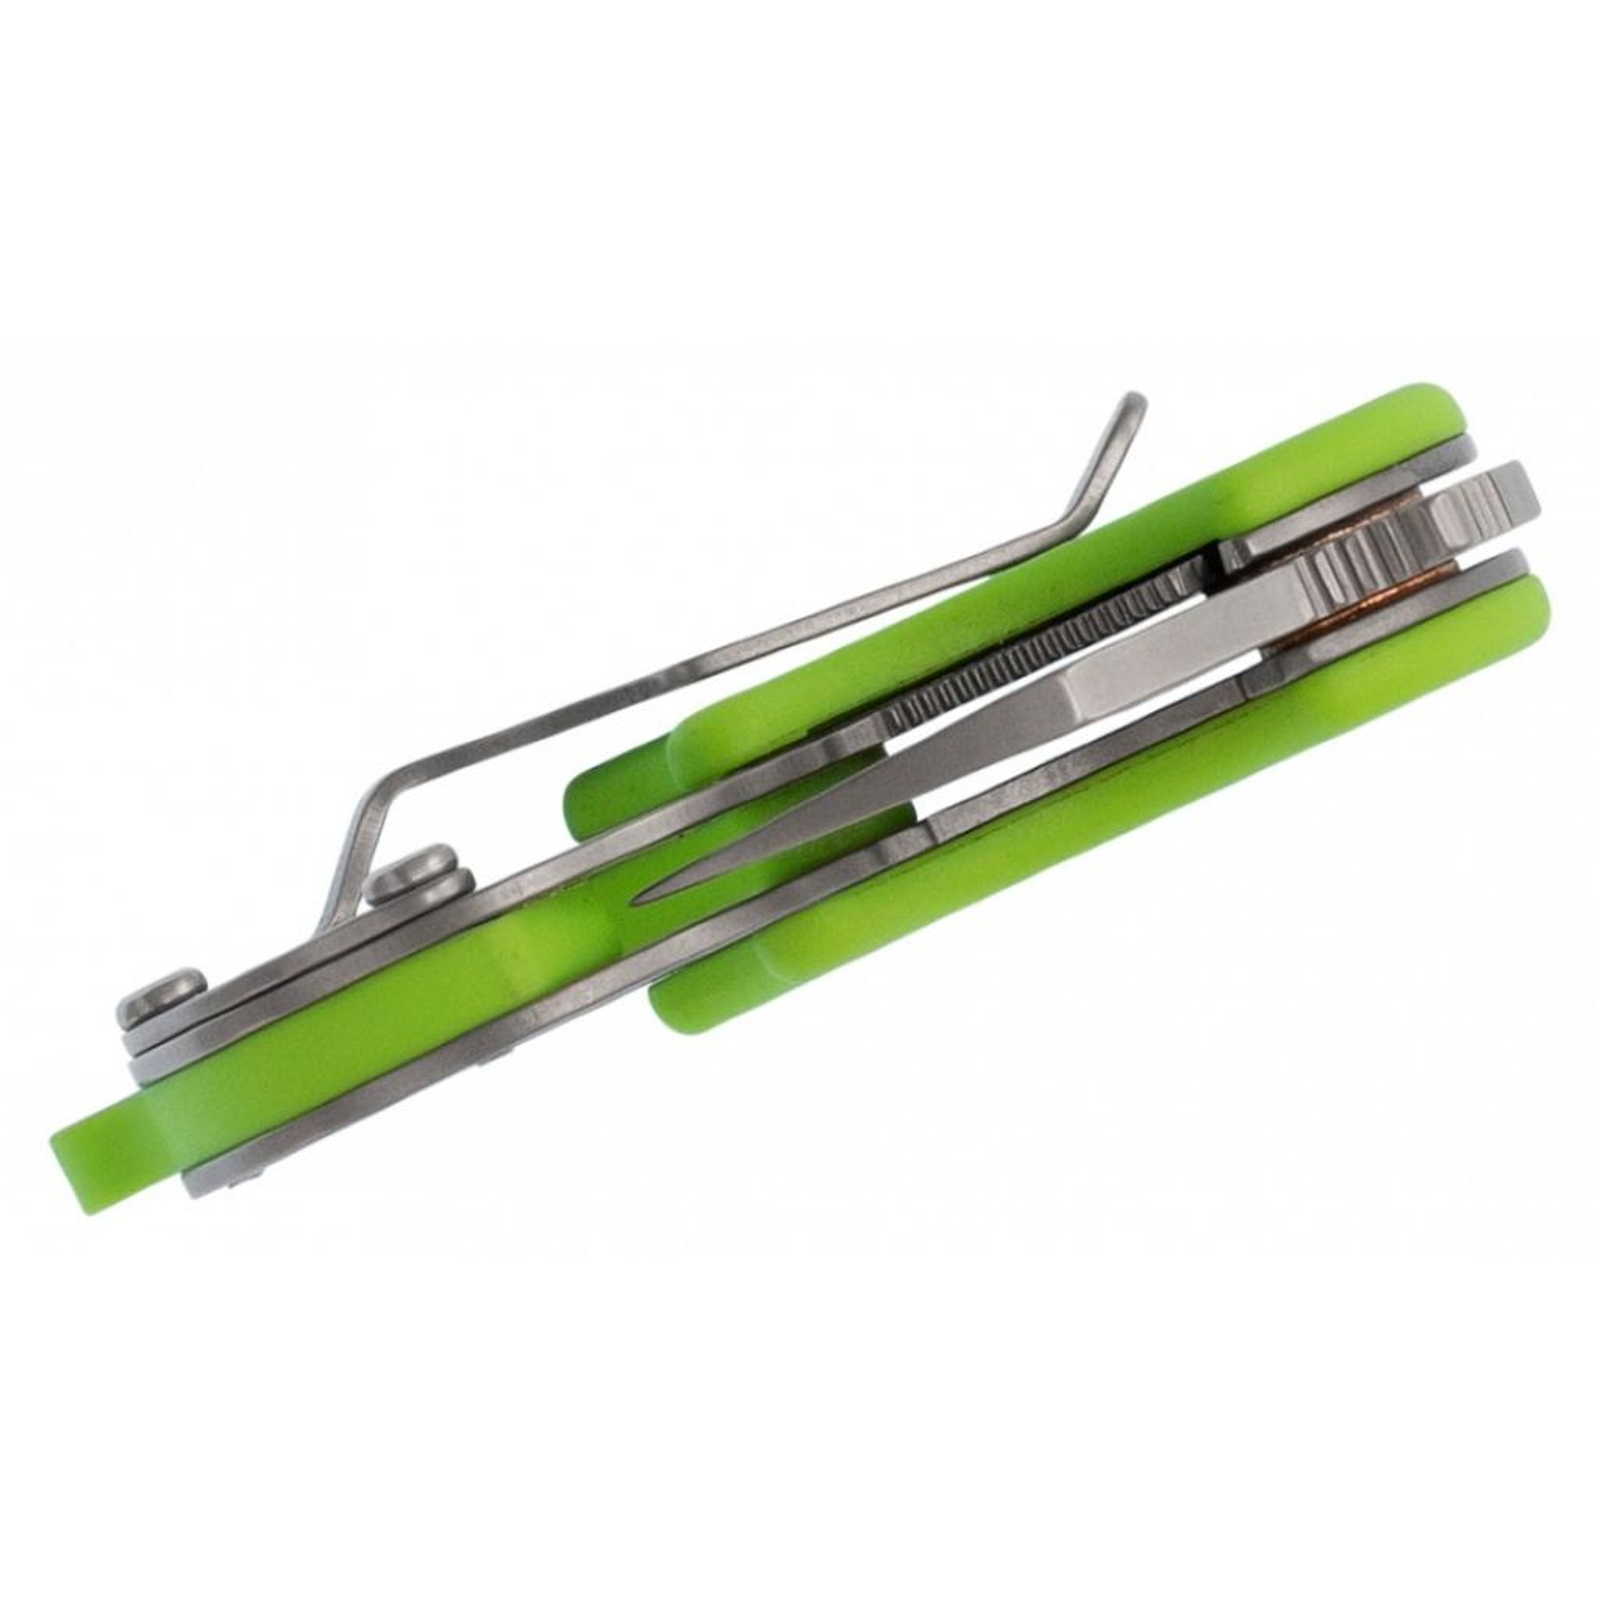 Нож Fox Mini-TA Olive Green (FX-536OD) изображение 4